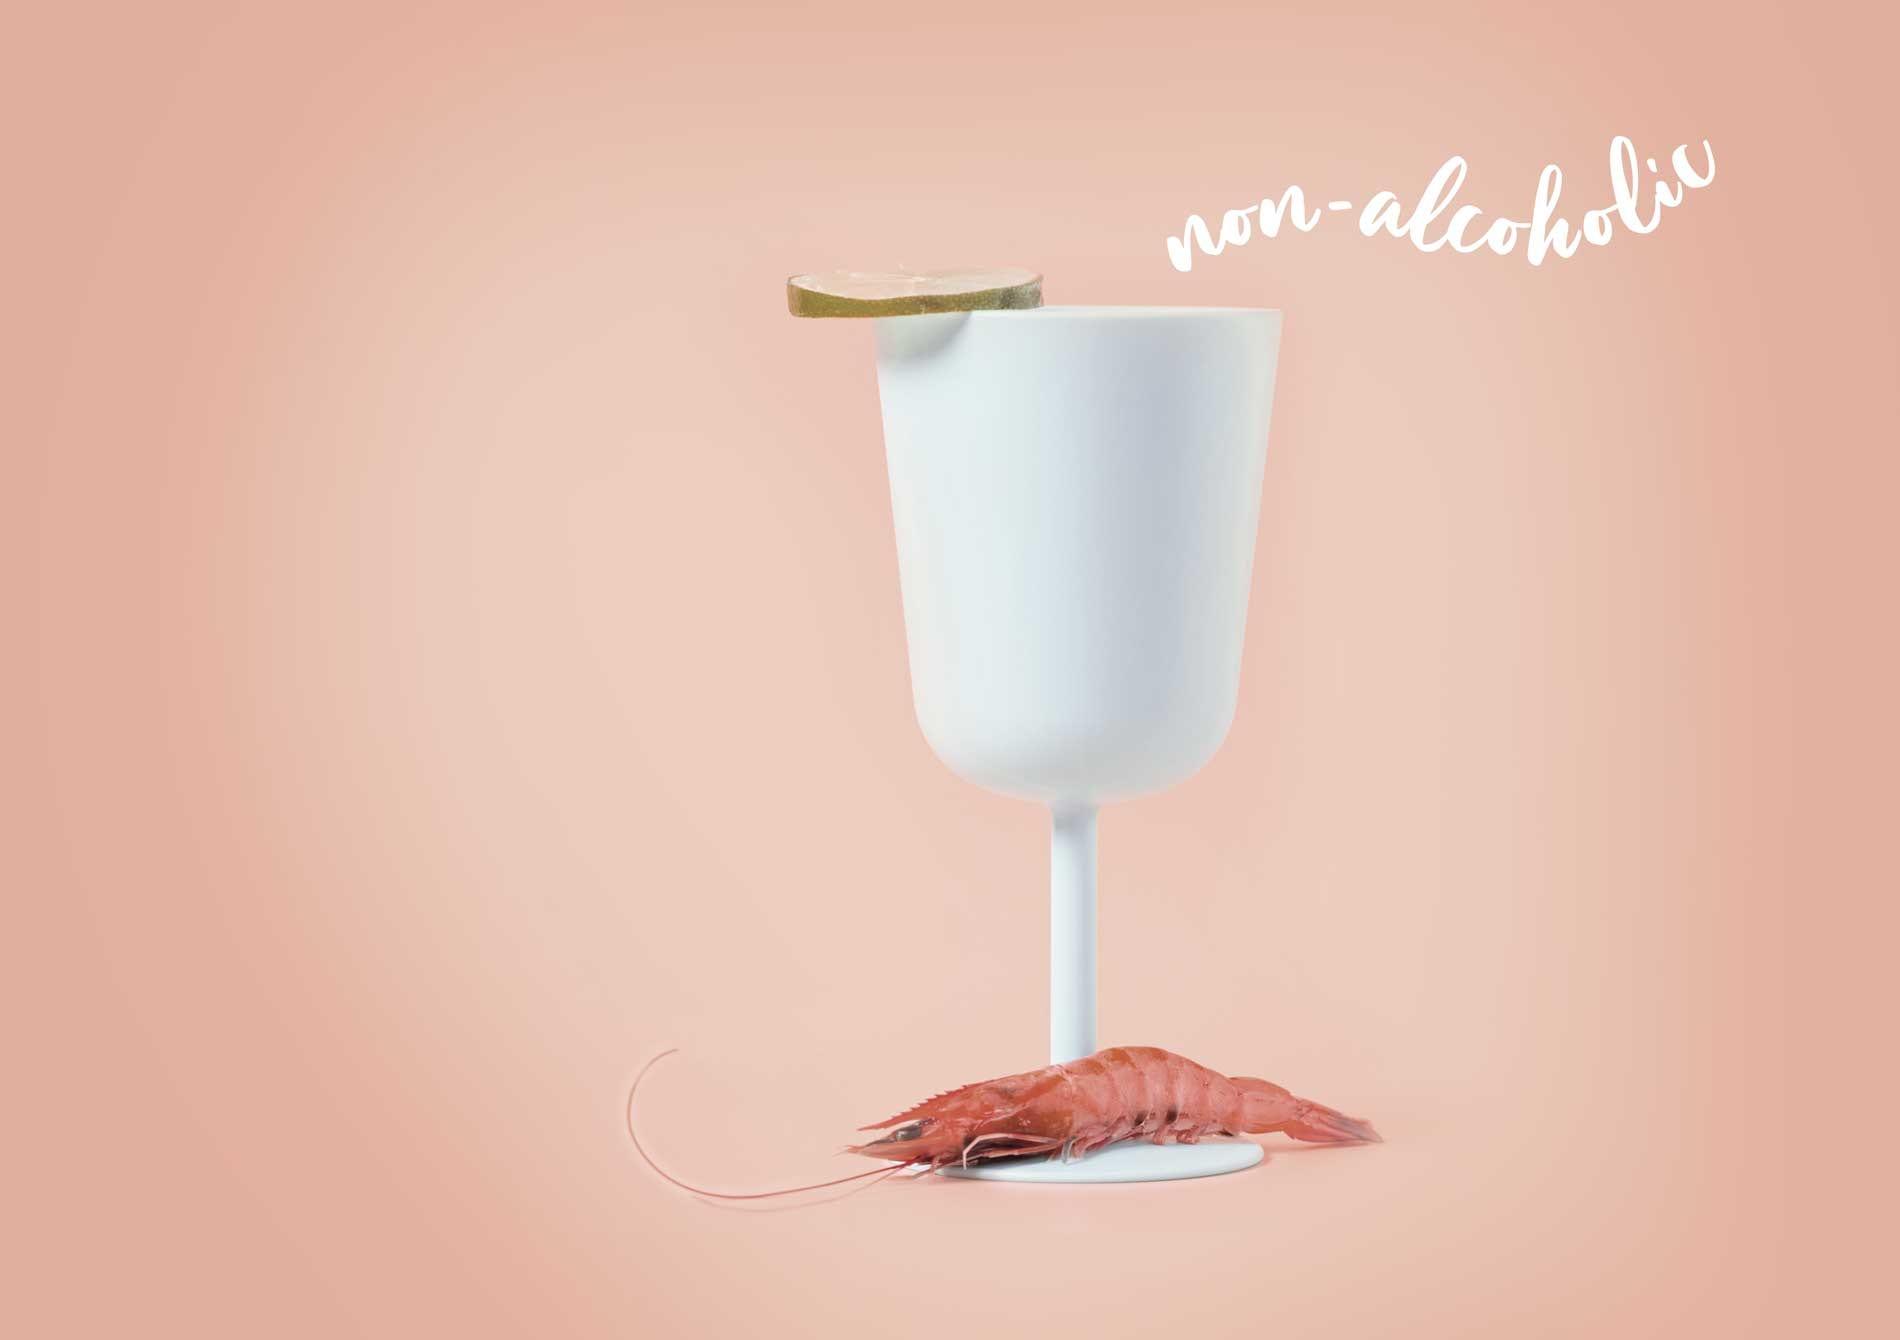 Nüchterne Bescherung: Fünf alkoholfreie Getränke für Weihnachten und Silvester